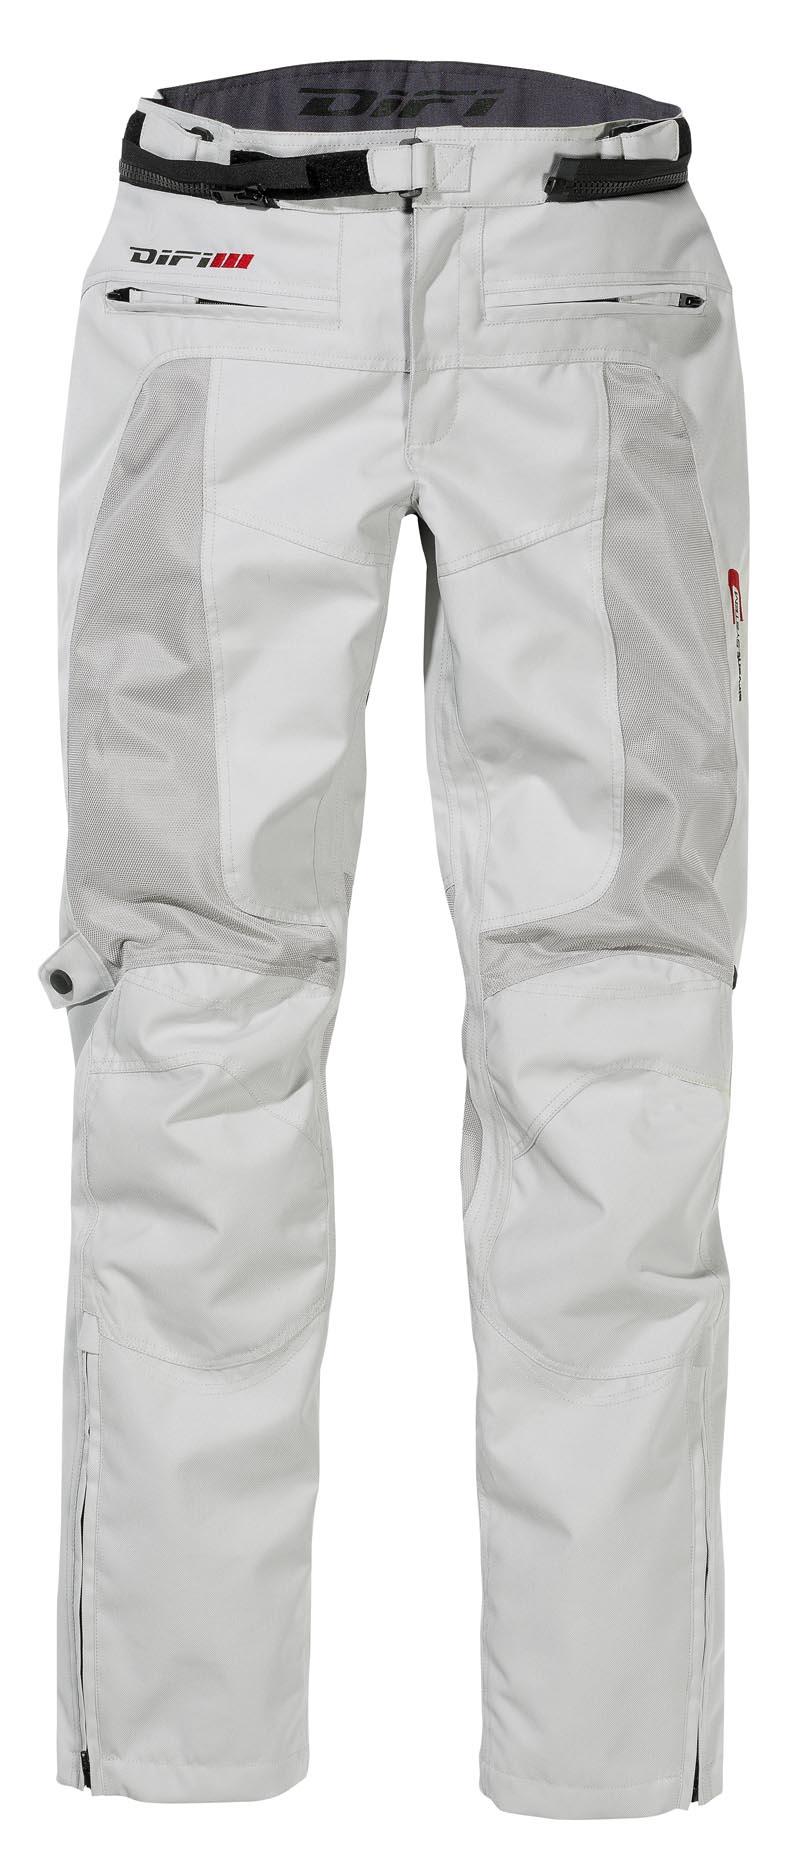 Pantalon Florida - DIFI - gris